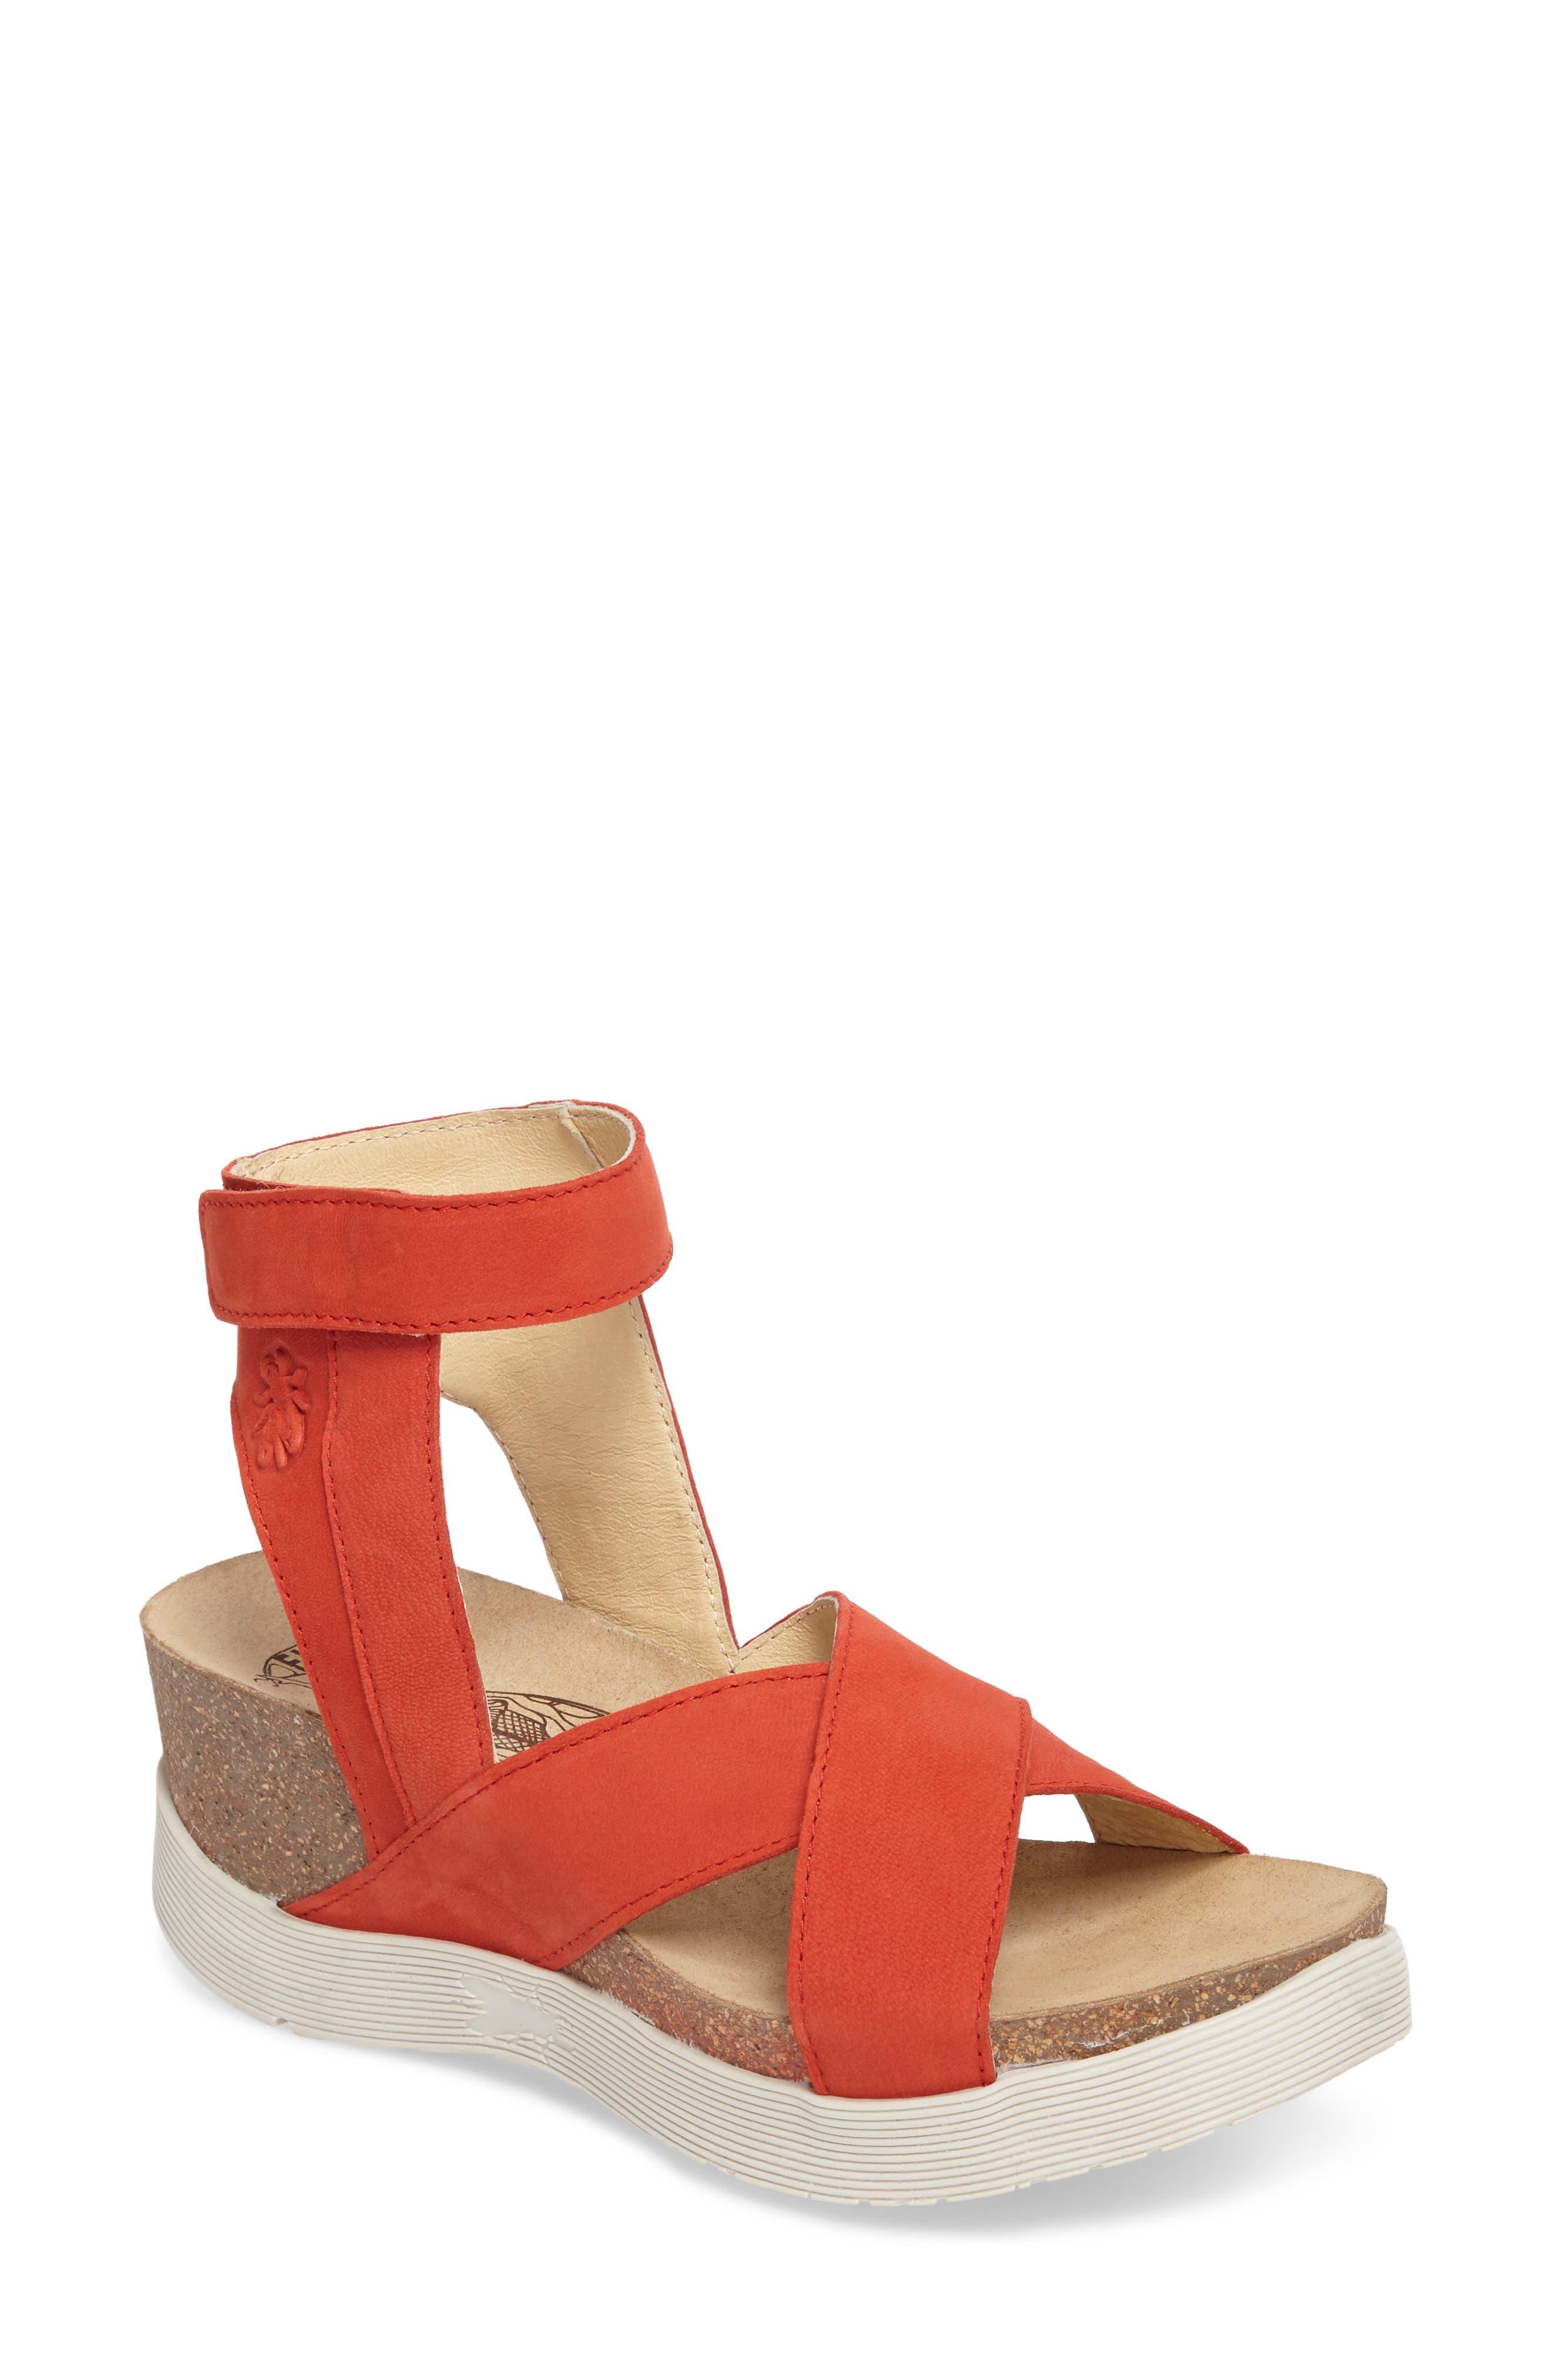 Weel Nubuck Leather Platform Sandal,                         Main,                         color, Scarlet Nubuck Leather